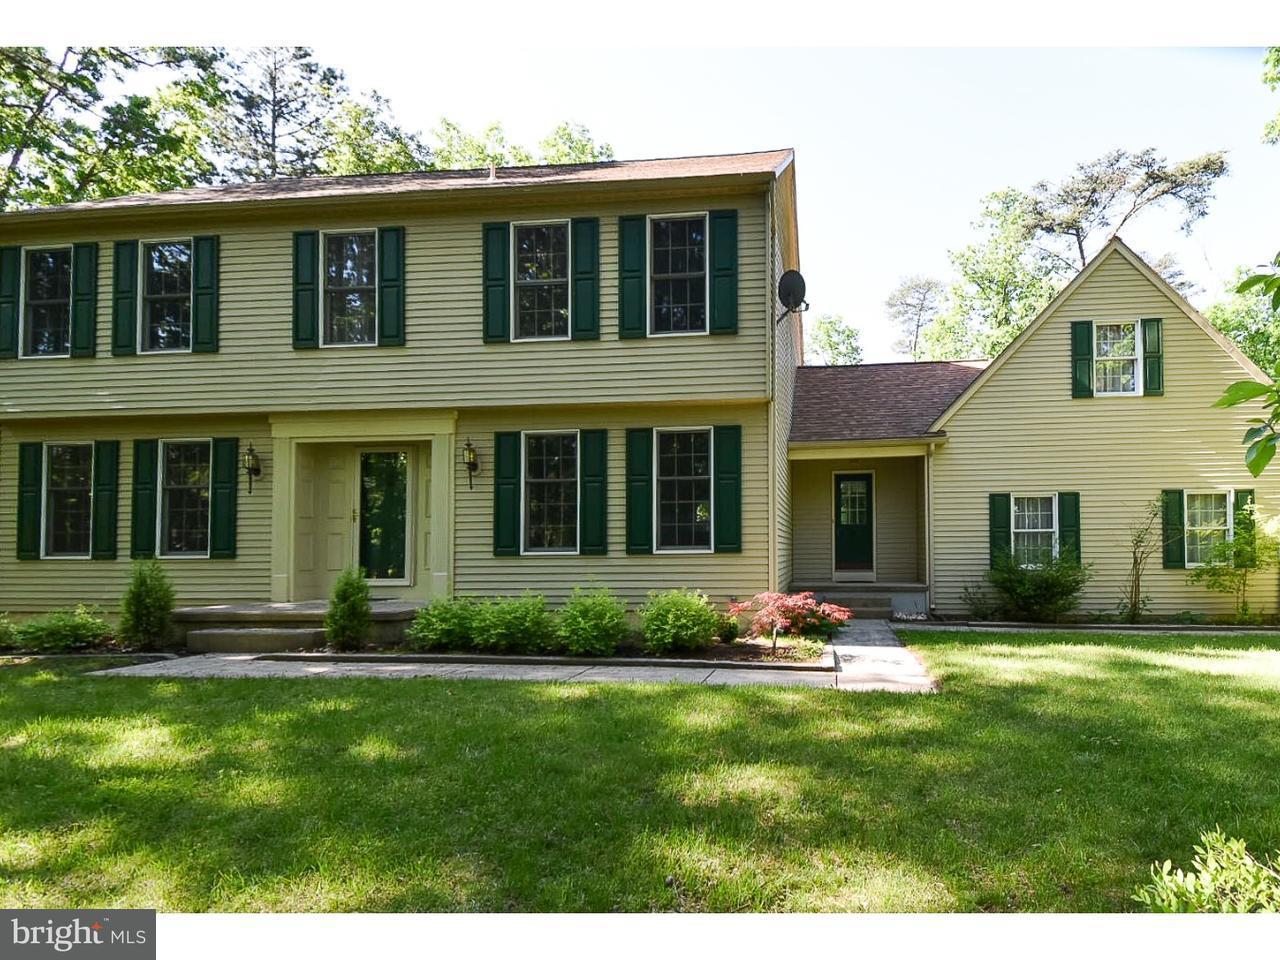 Частный односемейный дом для того Продажа на 95 FLYATT Road Shamong, Нью-Джерси 08088 Соединенные Штаты